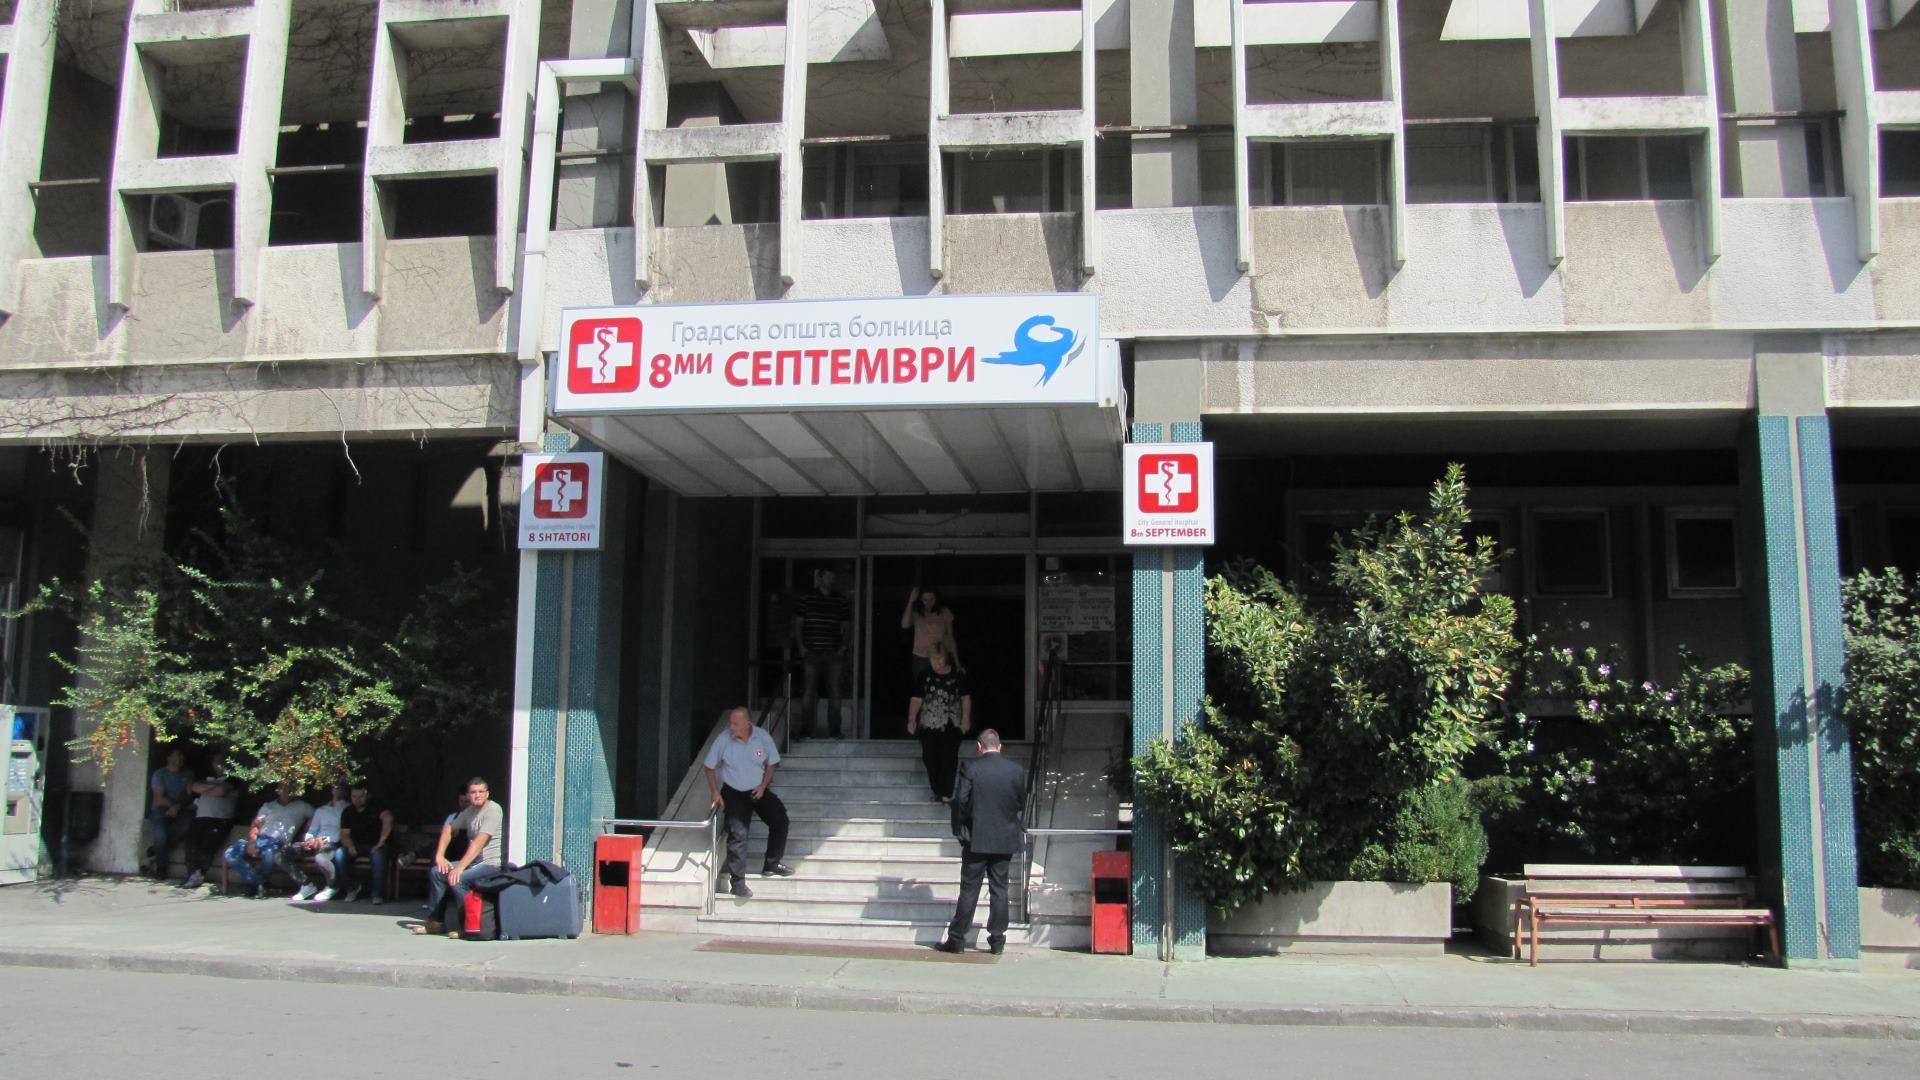 Üsküp 8 Eylül Hastanesi'nde olay; 8 kişi gözaltına alındı